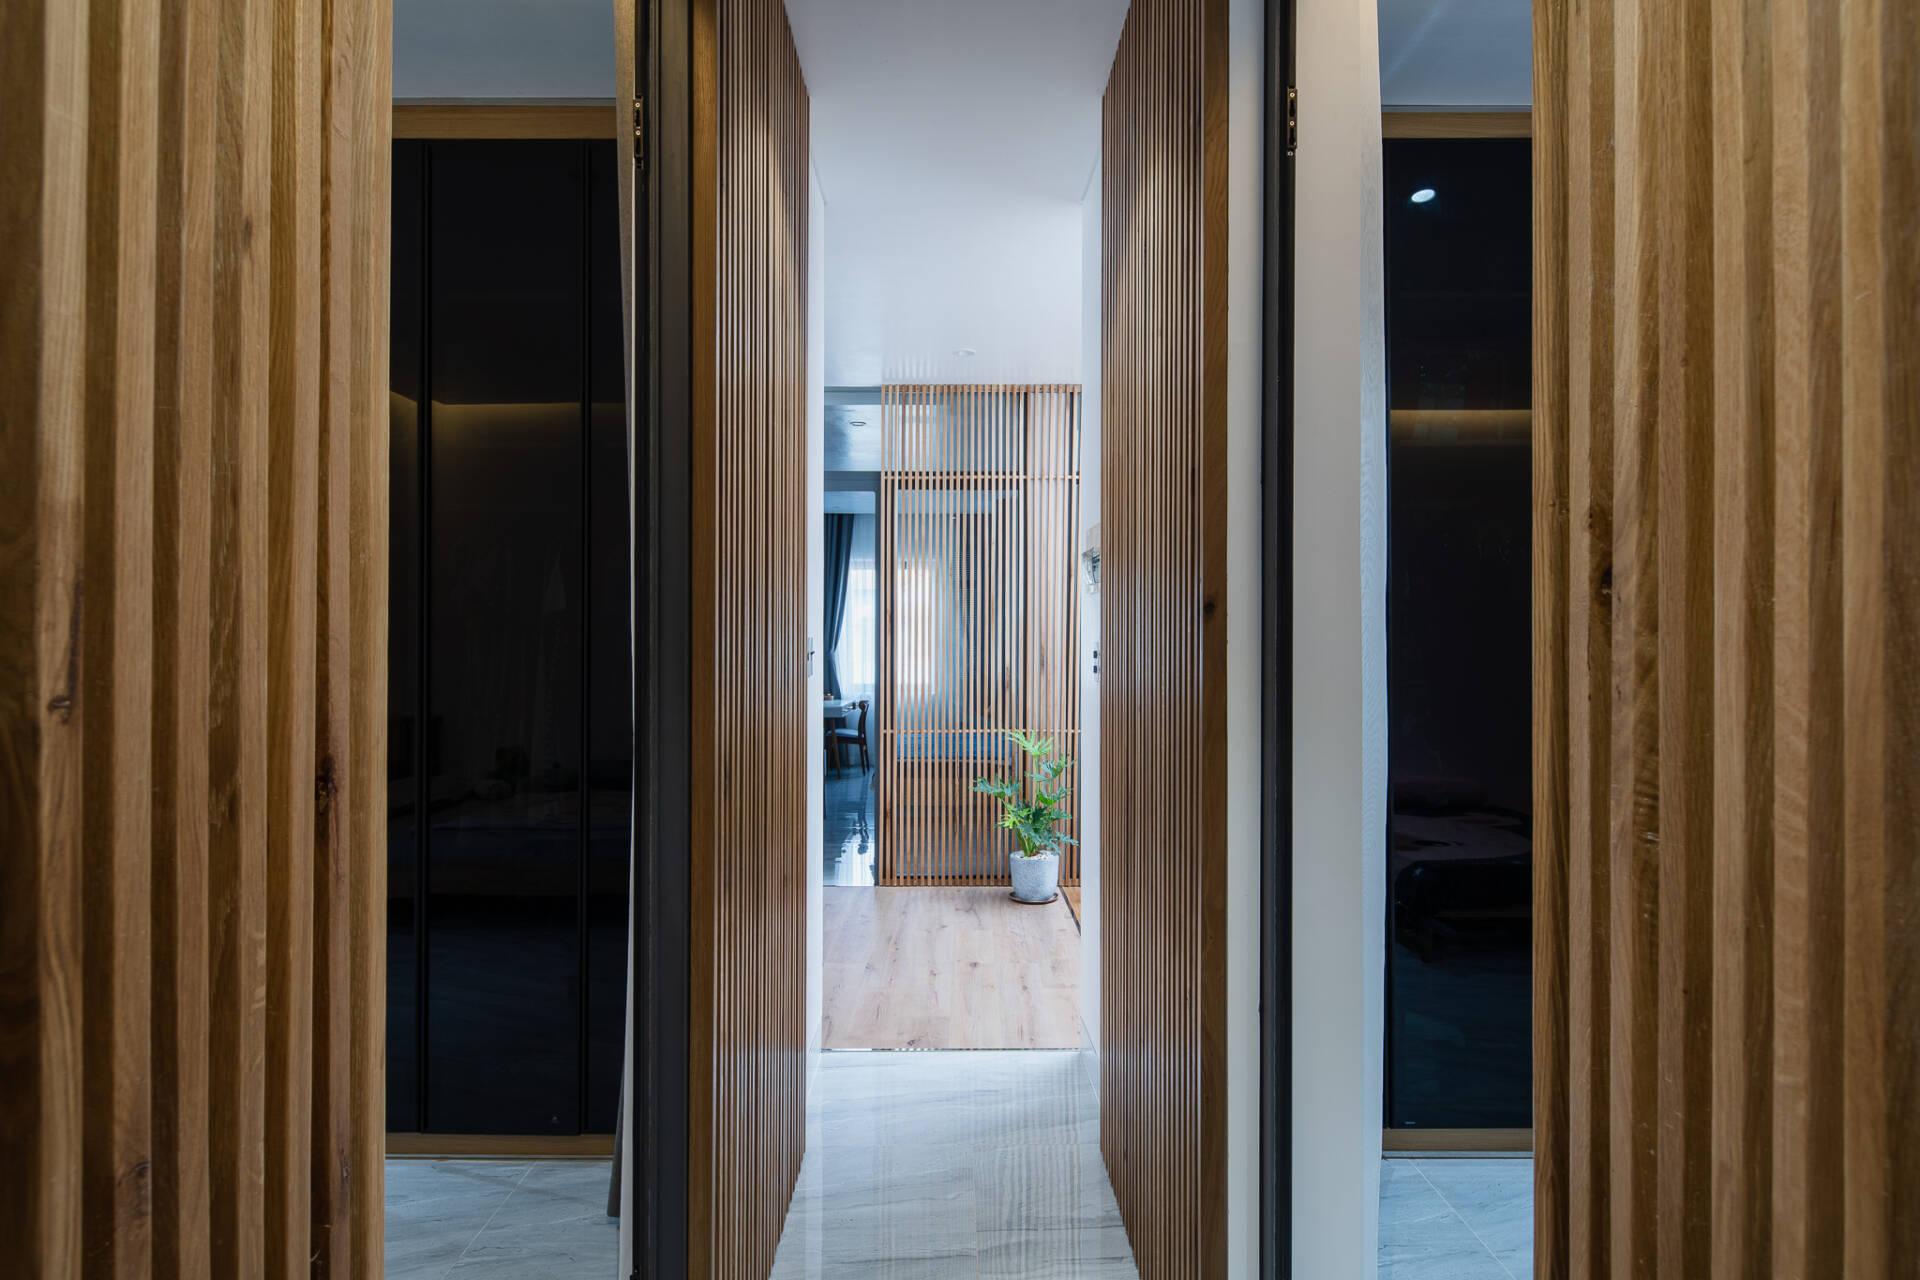 Hệ lam gỗ một lần nữa lại xuất hiện vừa tạo sự riêng tư mà vẫn đủ để đưa không khí vào các phòng